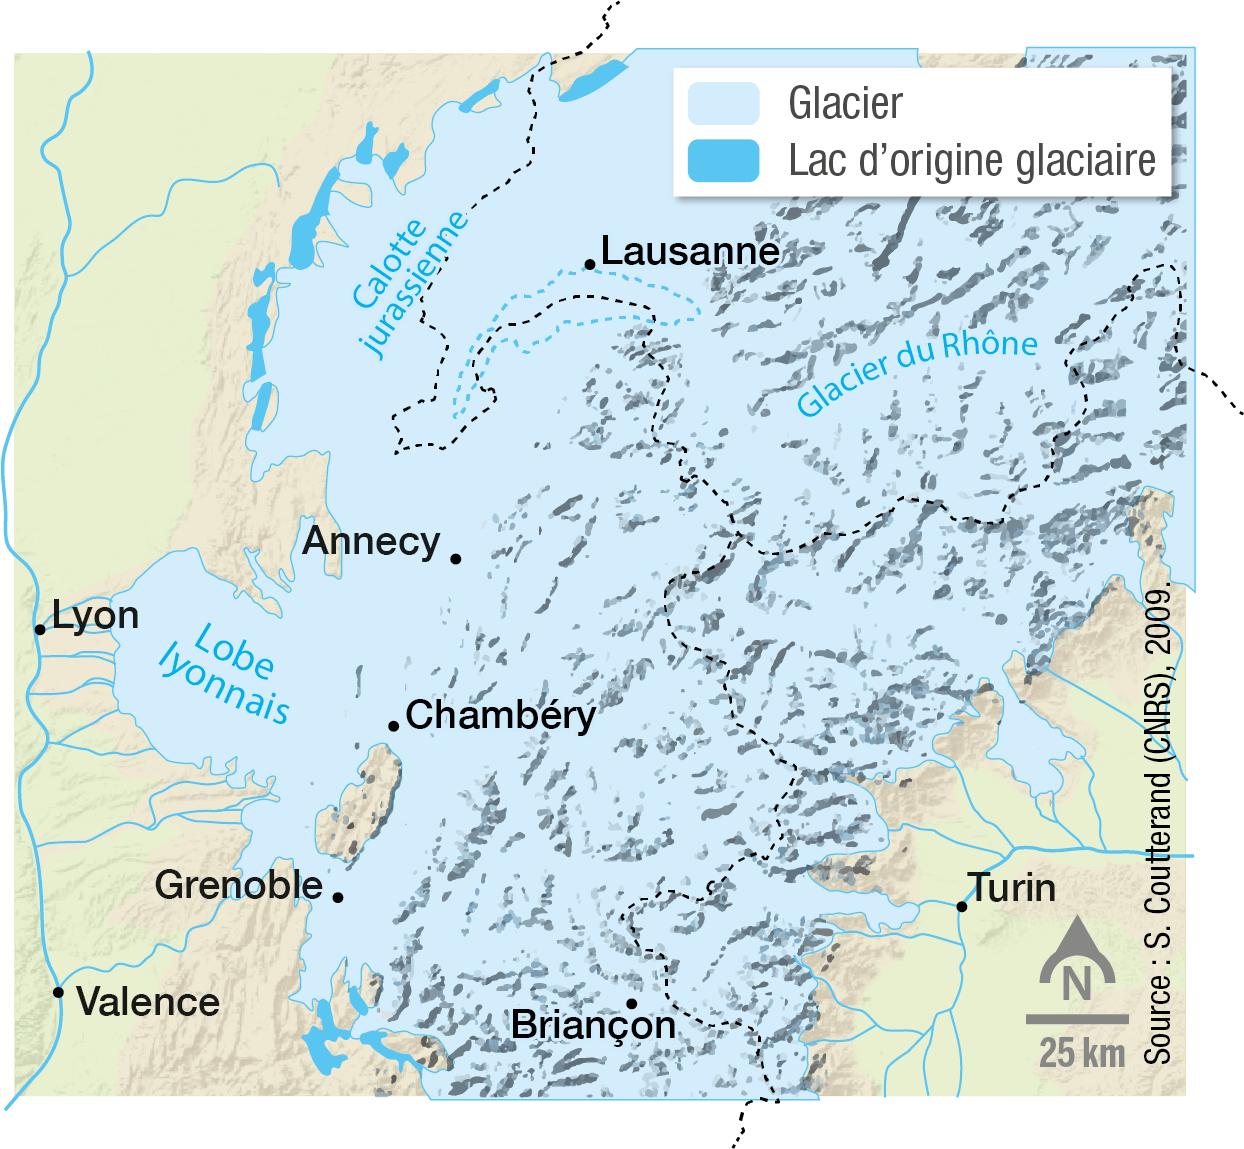 <stamp theme='svt-green1'>Doc. 6</stamp> Les glaciers des Alpes au maximum de la glaciation de Würm, il y a 40 000 ans.